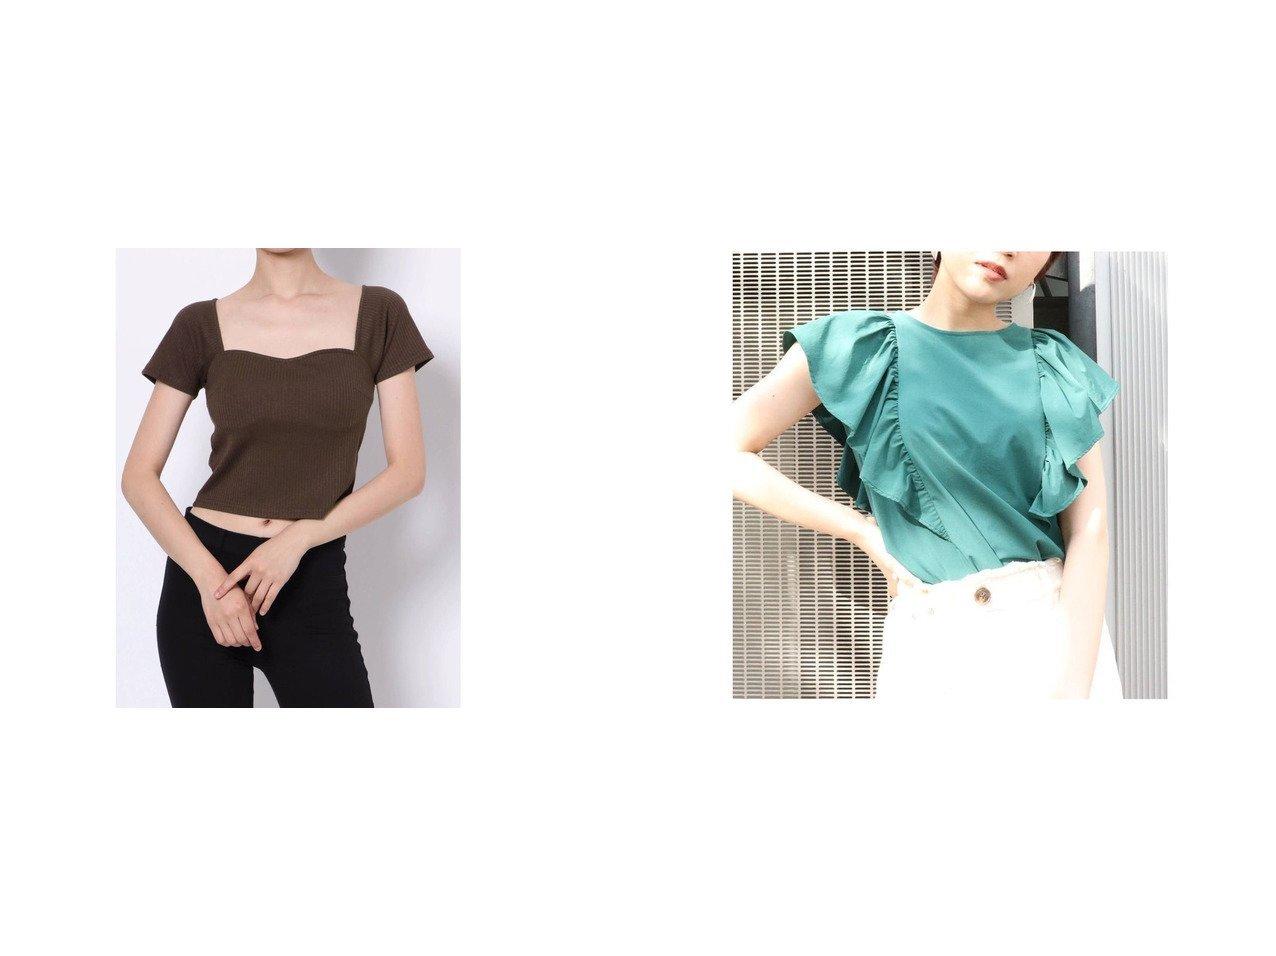 【EVRIS/エヴリス】のEVRIS イレギュラーネックショートトップス&【MURUA/ムルーア】のMURUA オーバーラッフルブラウス おすすめ!人気、トレンド・レディースファッションの通販  おすすめで人気の流行・トレンド、ファッションの通販商品 インテリア・家具・メンズファッション・キッズファッション・レディースファッション・服の通販 founy(ファニー) https://founy.com/ ファッション Fashion レディースファッション WOMEN トップス・カットソー Tops/Tshirt シャツ/ブラウス Shirts/Blouses 2021年 2021 2021-2022秋冬・A/W AW・Autumn/Winter・FW・Fall-Winter・2021-2022 A/W・秋冬 AW・Autumn/Winter・FW・Fall-Winter デコルテ トレンド ビスチェ ボトム ワイド S/S・春夏 SS・Spring/Summer おすすめ Recommend デニム フリル 夏 Summer 春 Spring  ID:crp329100000062187